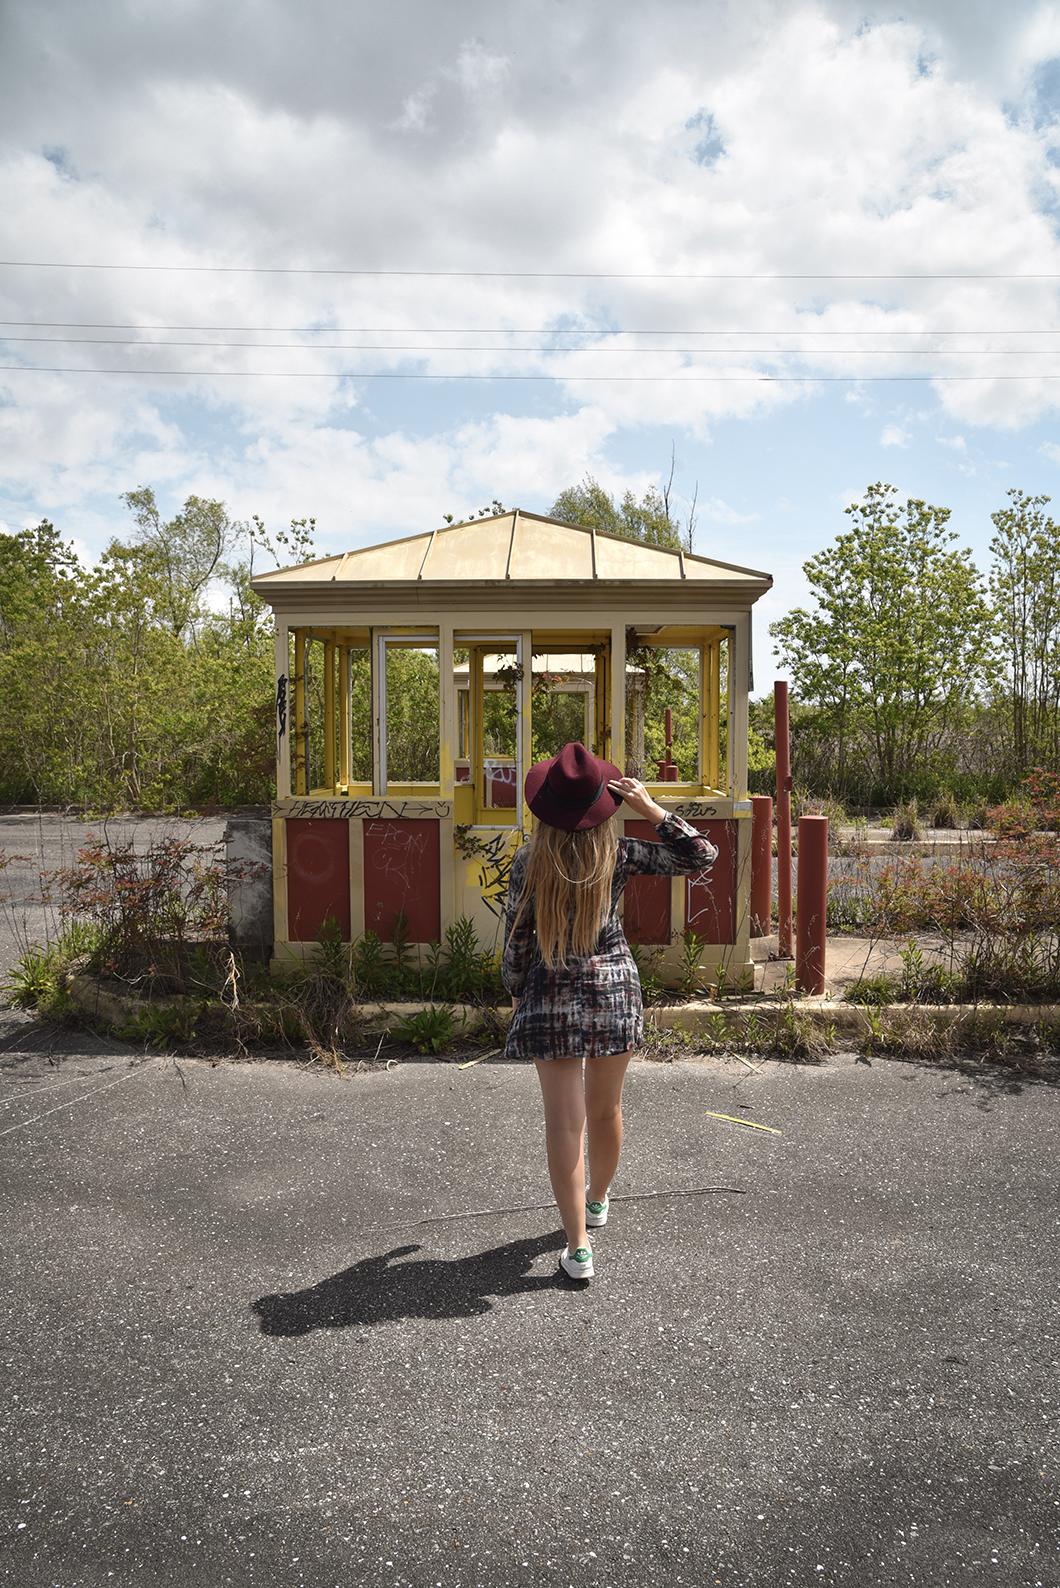 Visiter le parc d'attractions abandonnéSix Flags New Orleans